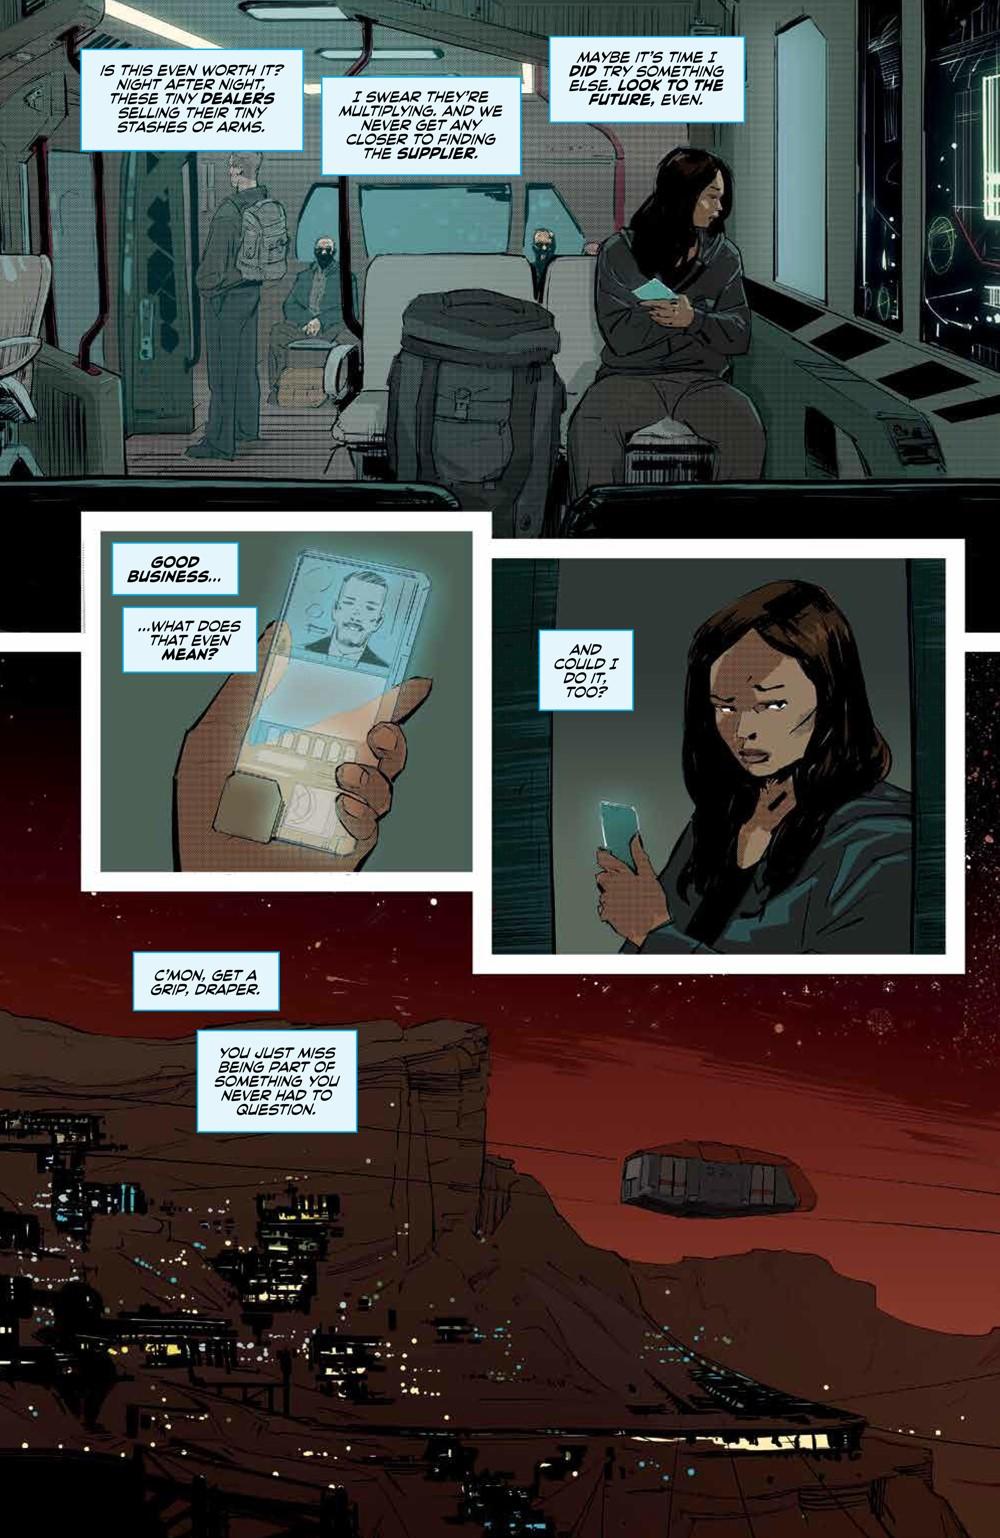 Expanse_SC_PRESS_19 ComicList Previews: THE EXPANSE TP